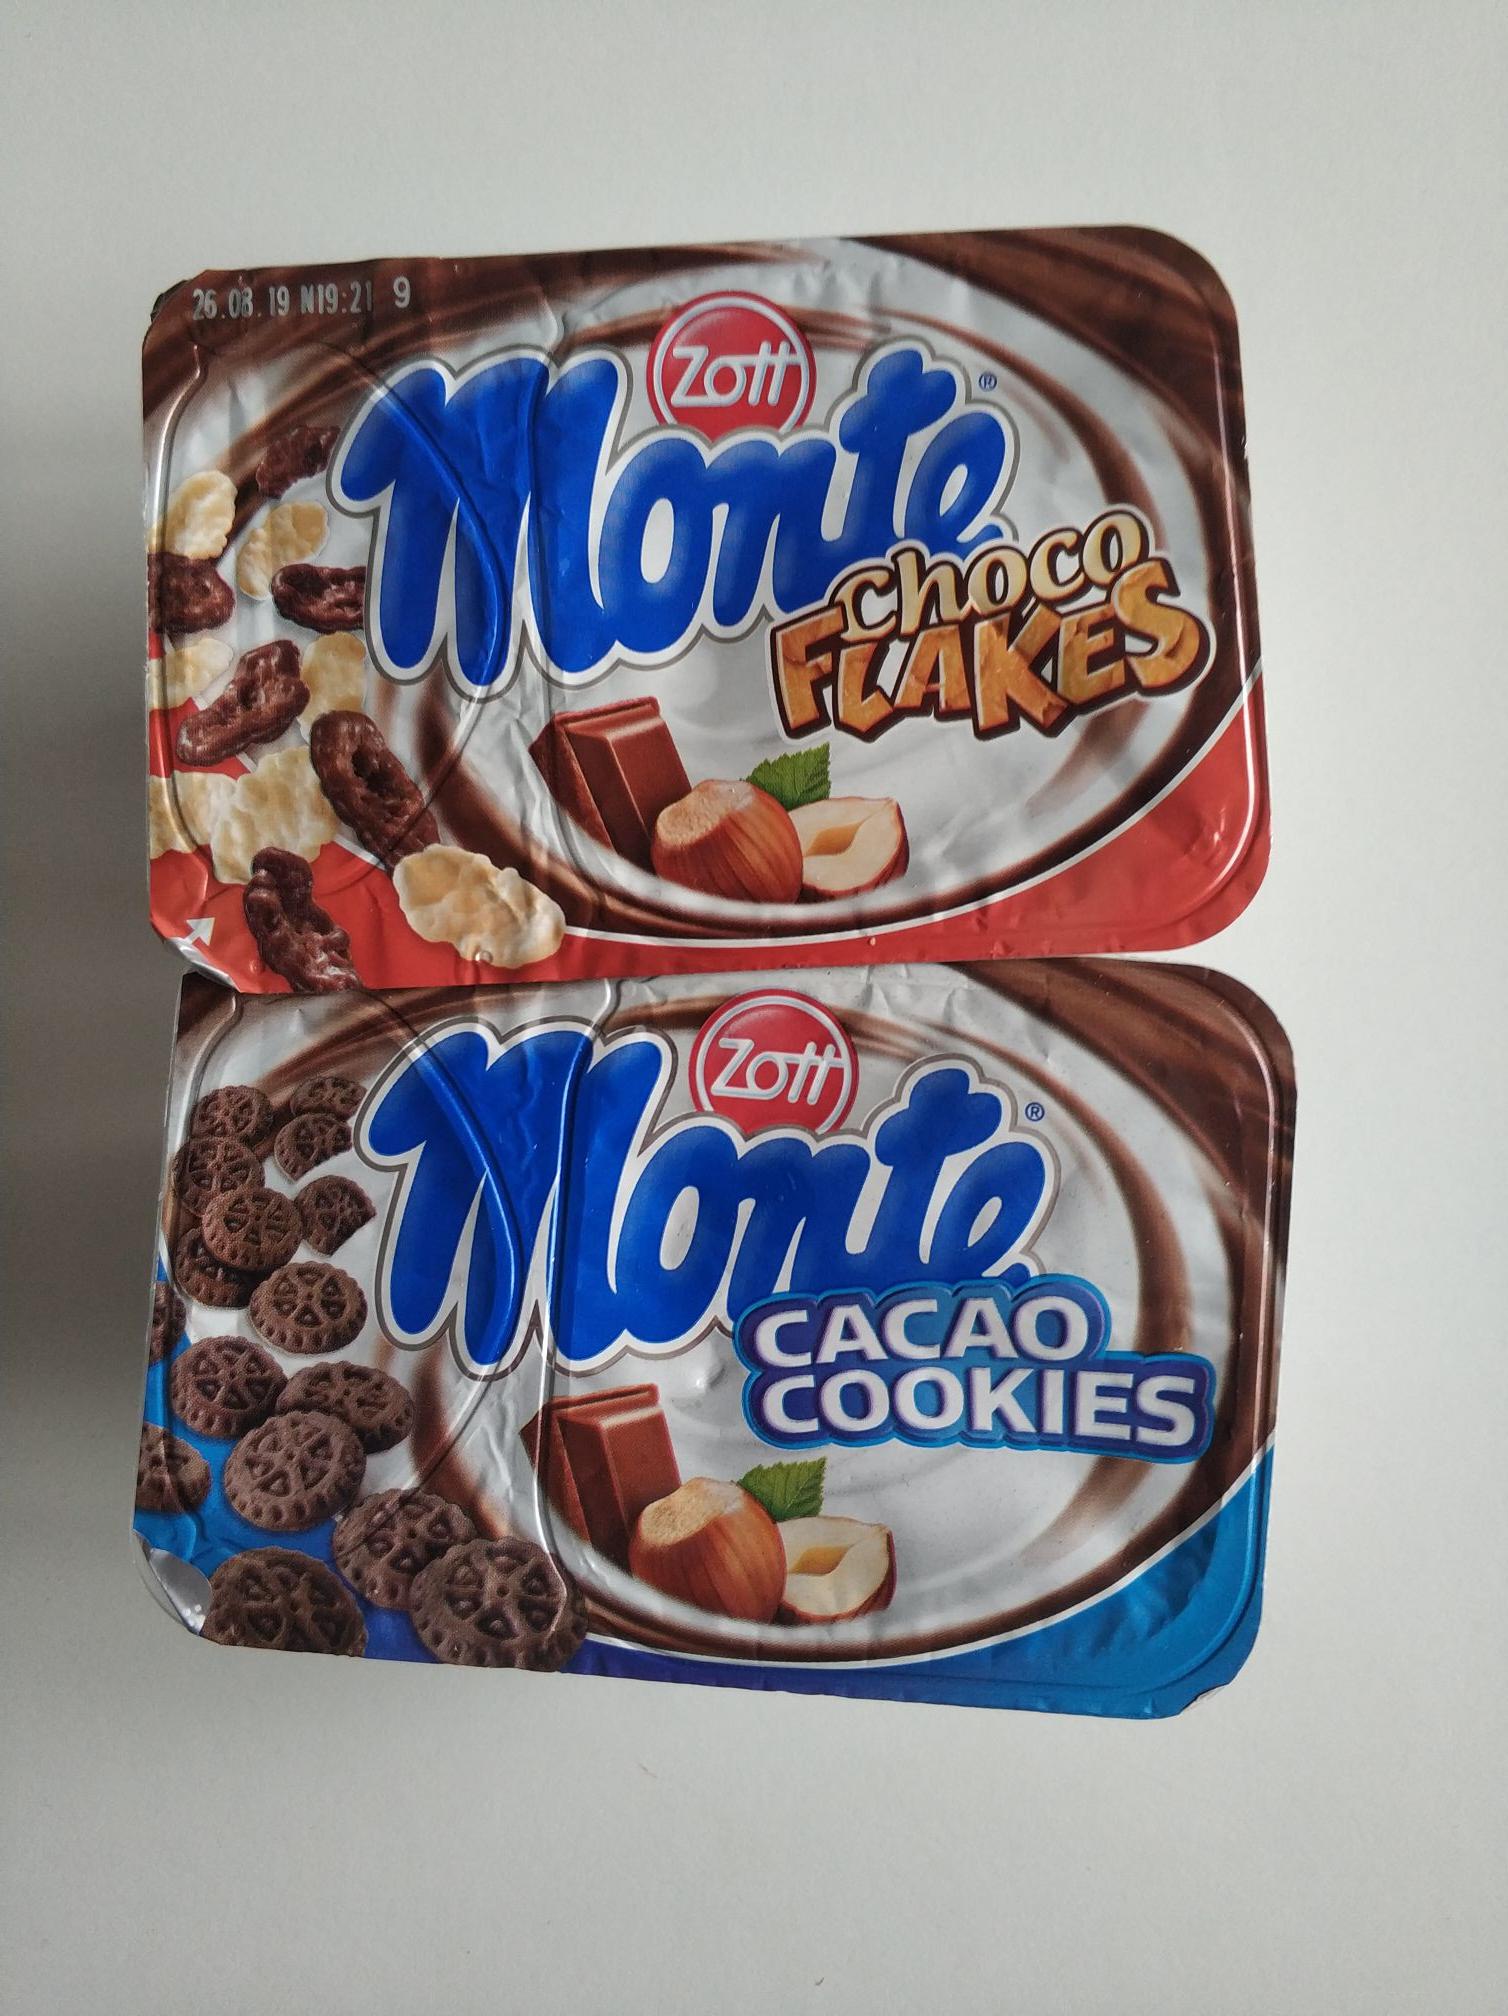 Desery Monte z dodatkami. 125g różne rodzaje. Cena przy zakupie 2szt Auchan